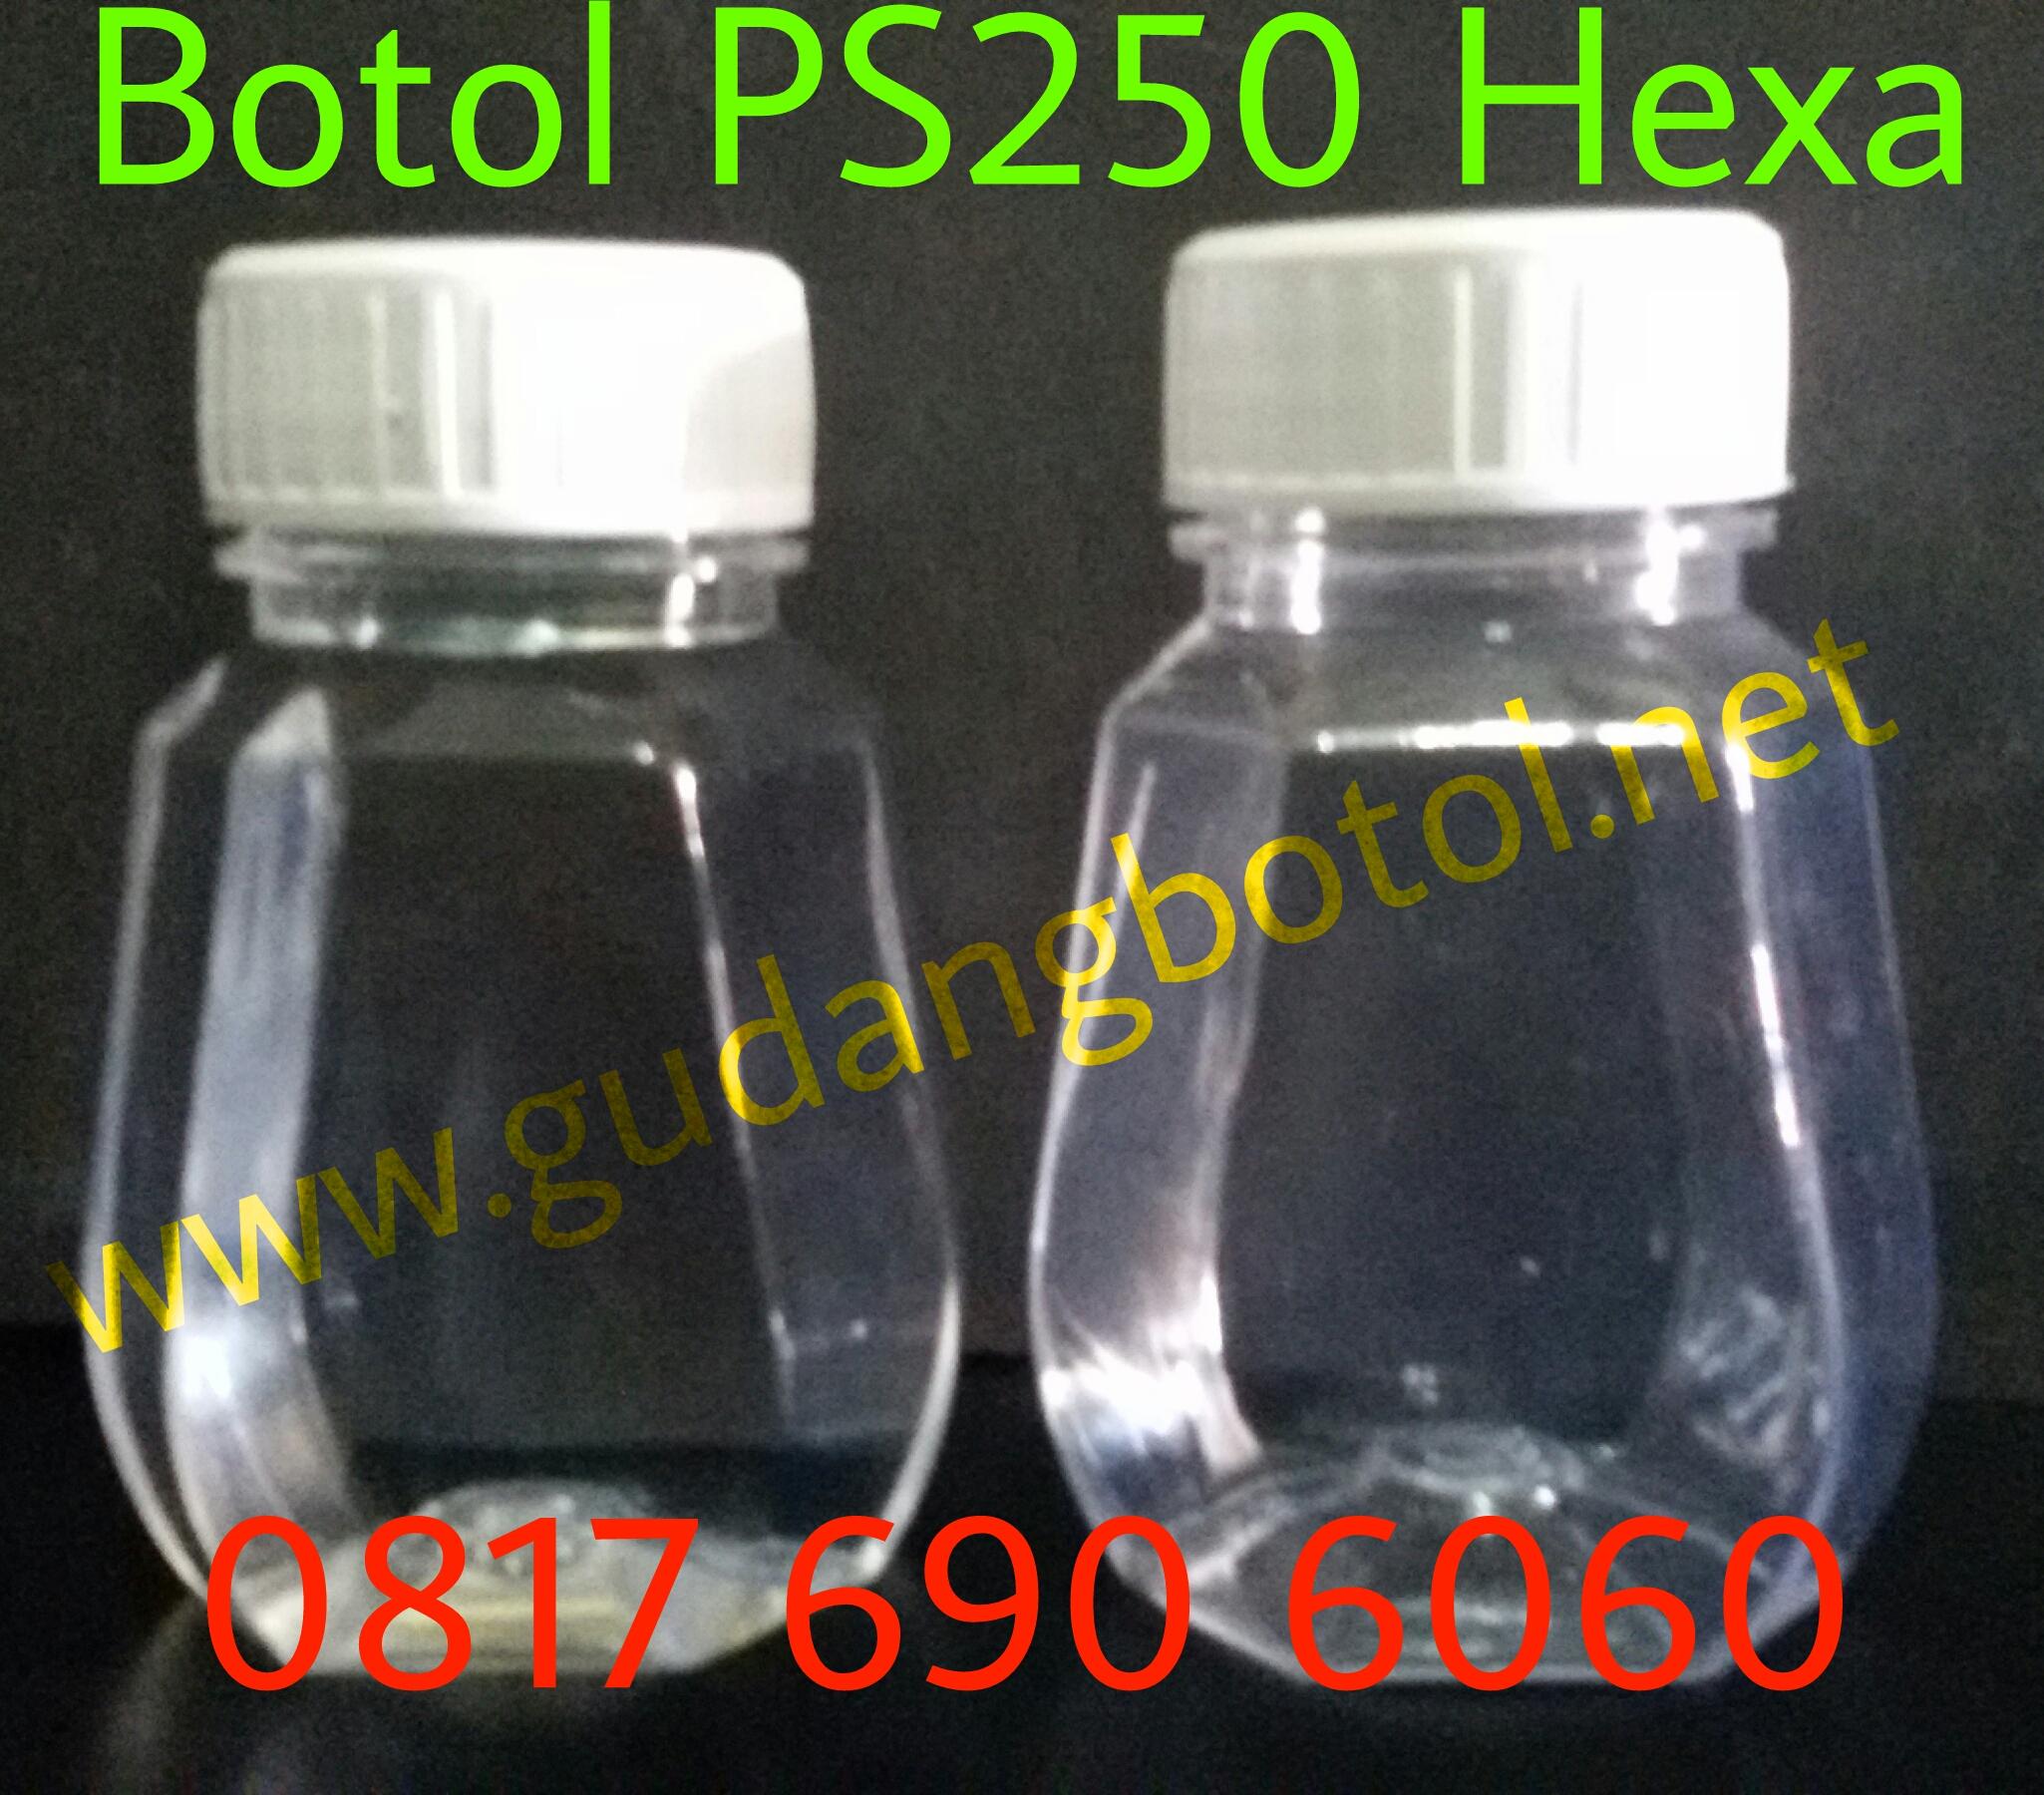 Botol Belimbing